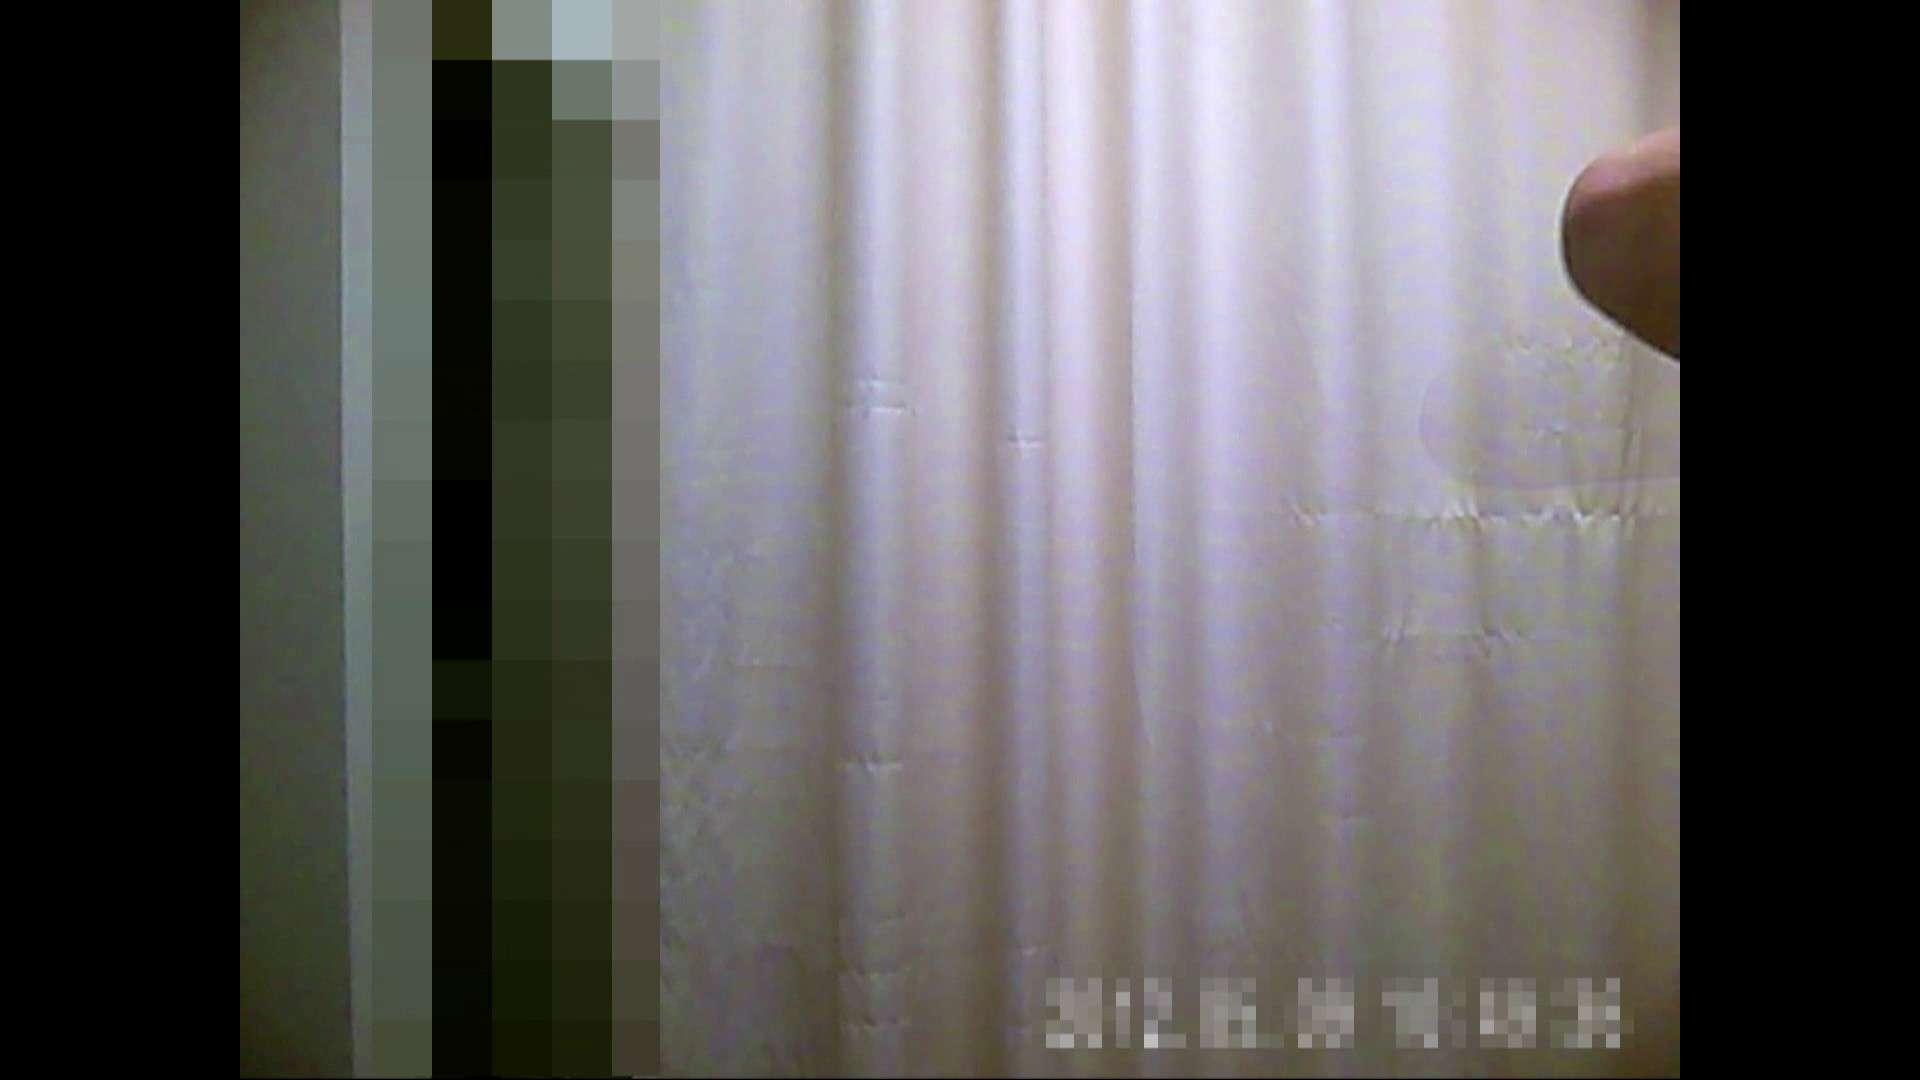 元医者による反抗 更衣室地獄絵巻 vol.267 OLハメ撮り  81Pix 67